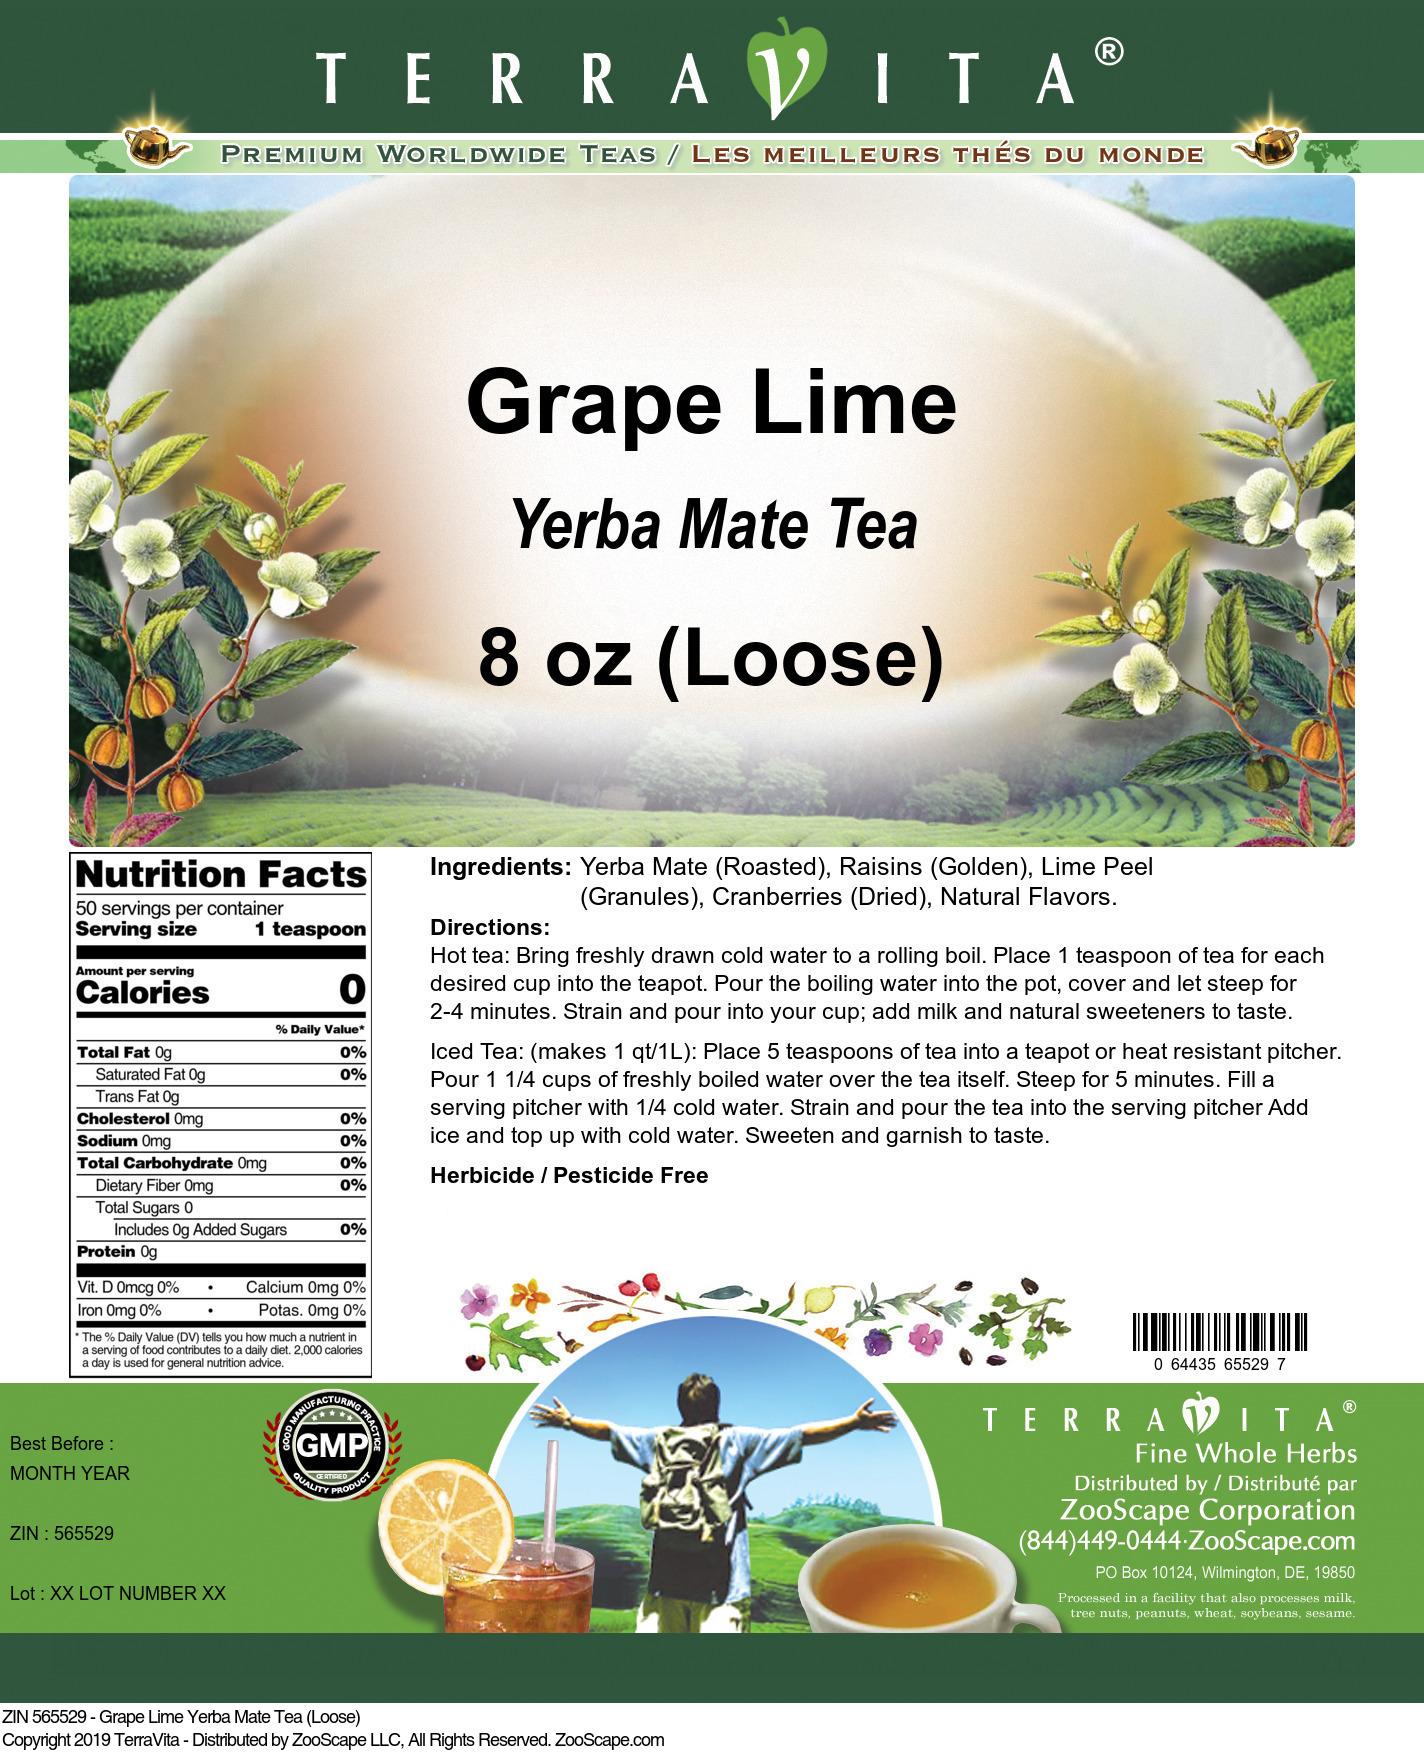 Grape Lime Yerba Mate